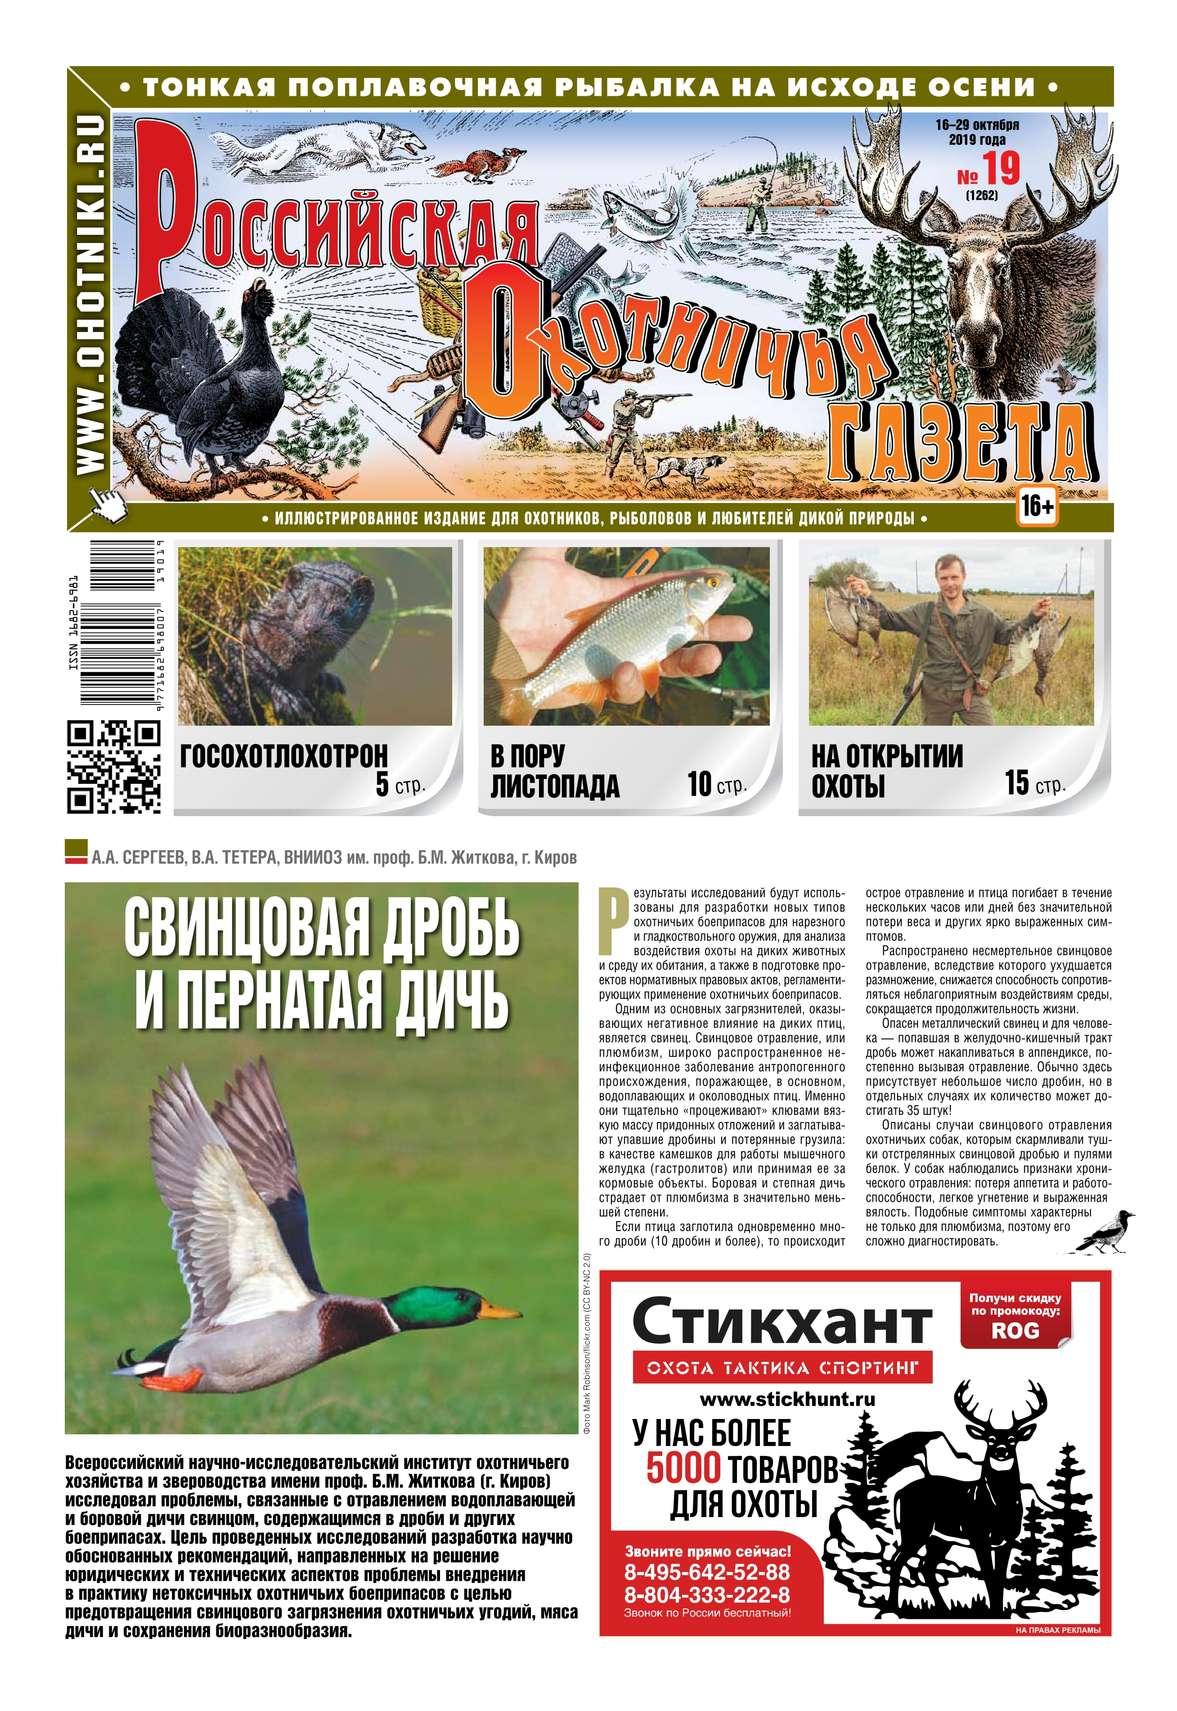 Российская Охотничья Газета 19-2019